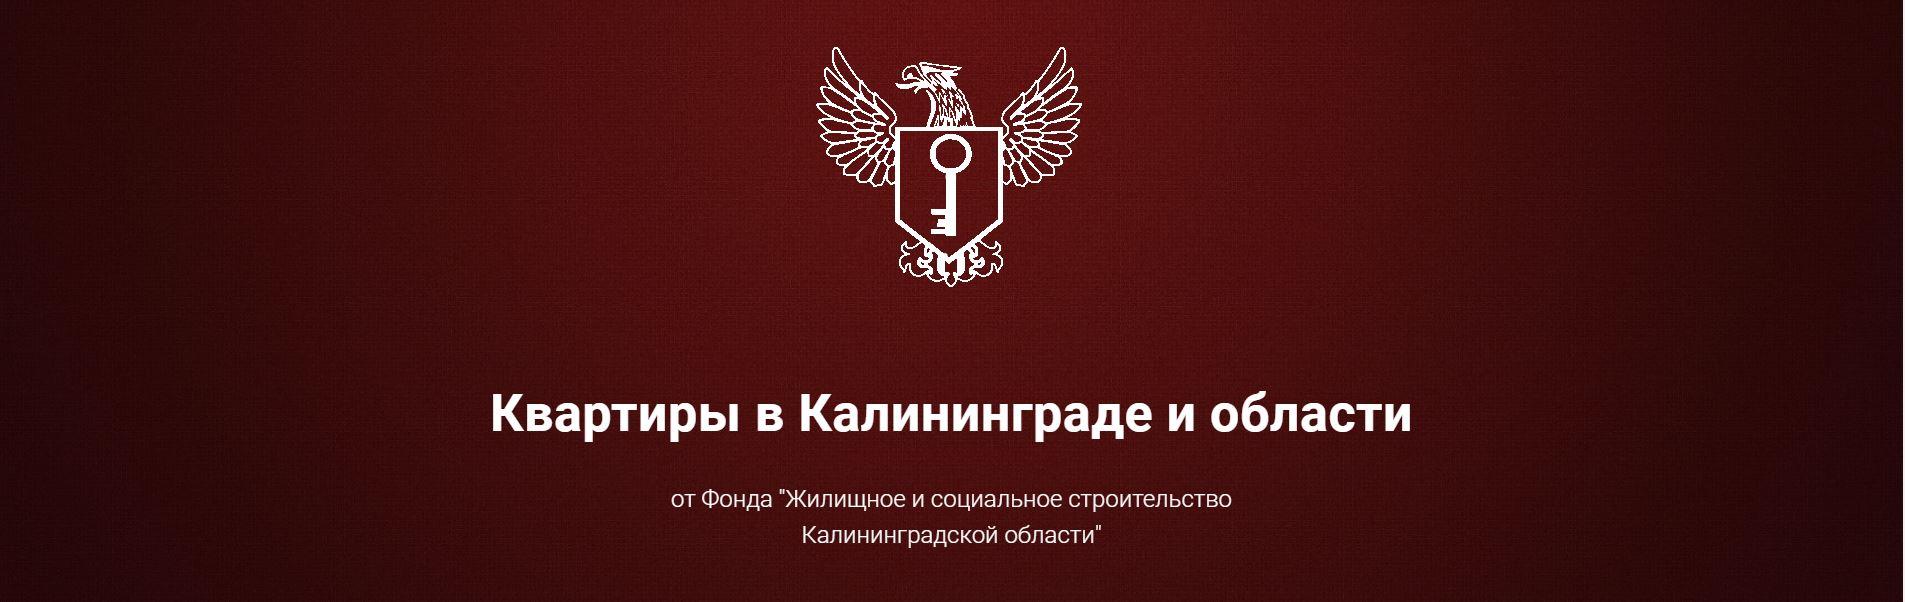 """Фонд """"Жилищное и социальное строительство Калининградской области"""""""